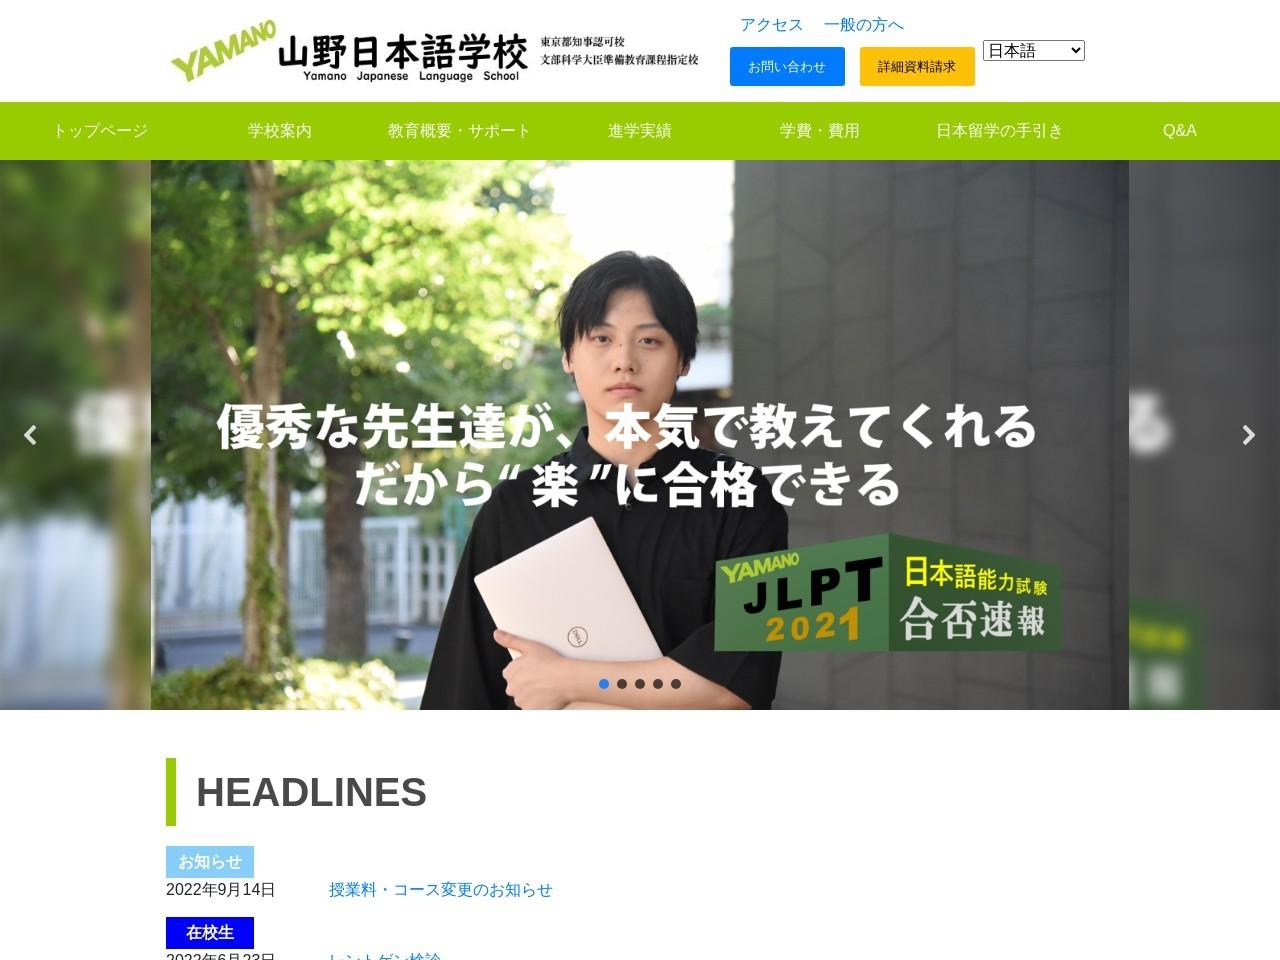 山野日本語学校